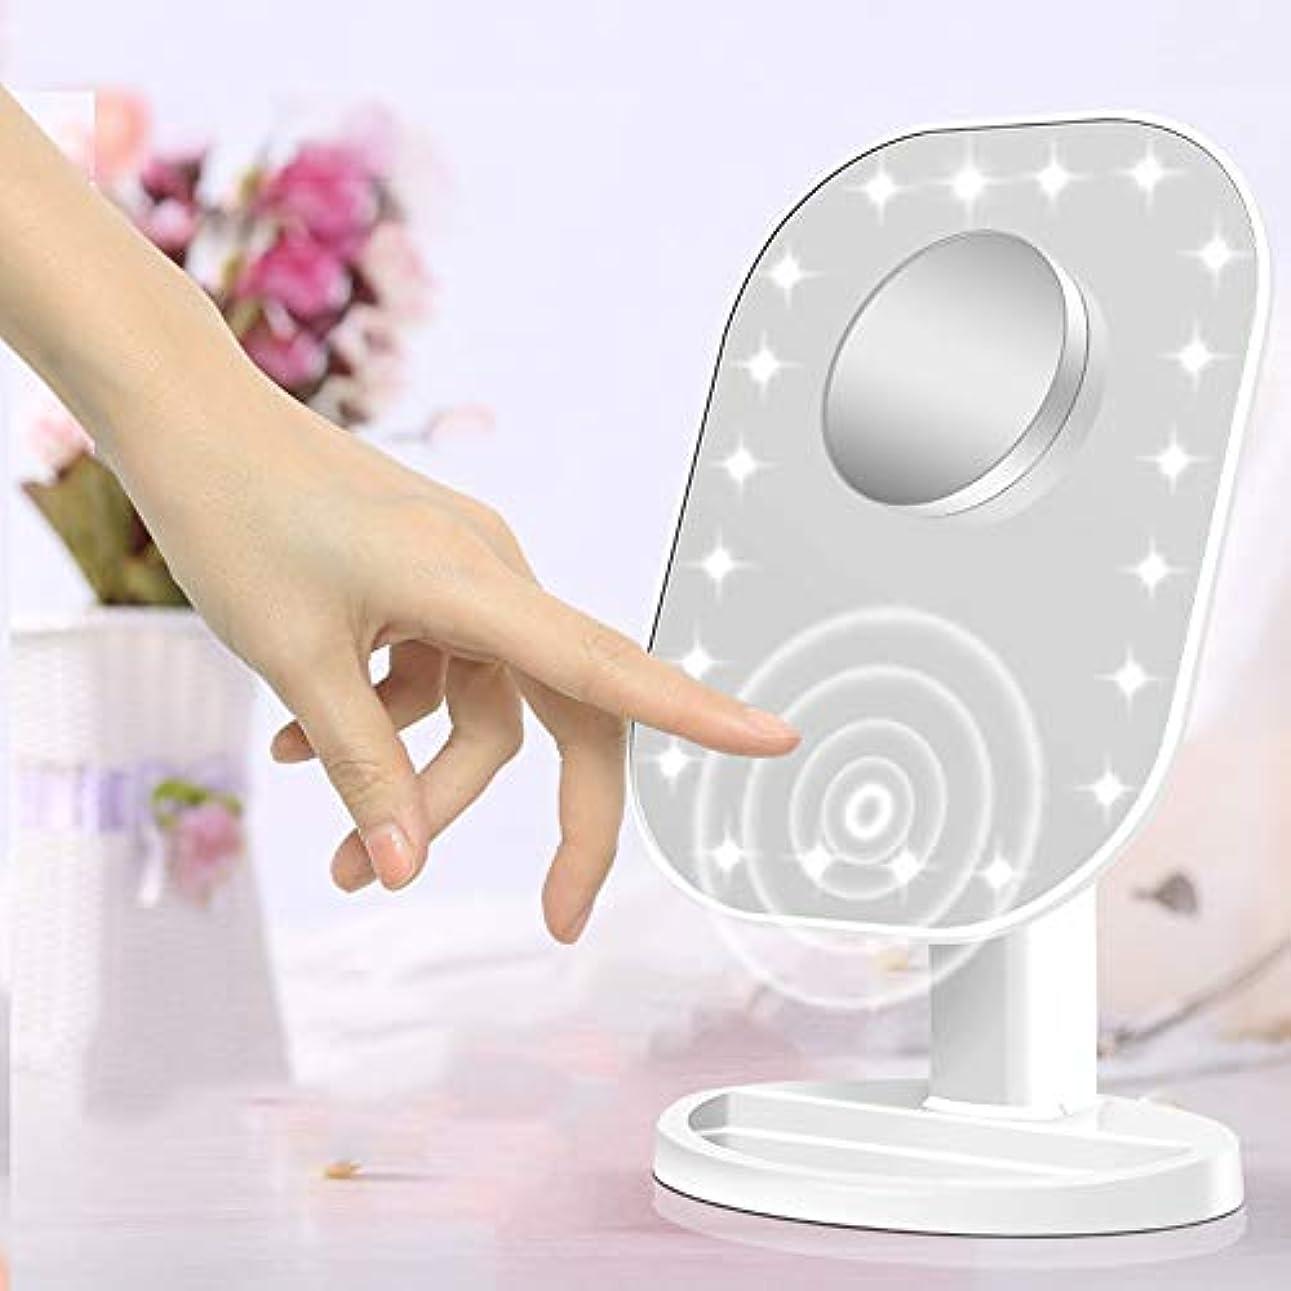 陽気な委任バイバイ流行の 新しいデスクトップクリエイティブタッチセンサーled化粧鏡10倍拡大美容化粧鏡フィルライト化粧鏡ピンクホワイト (色 : Pink)